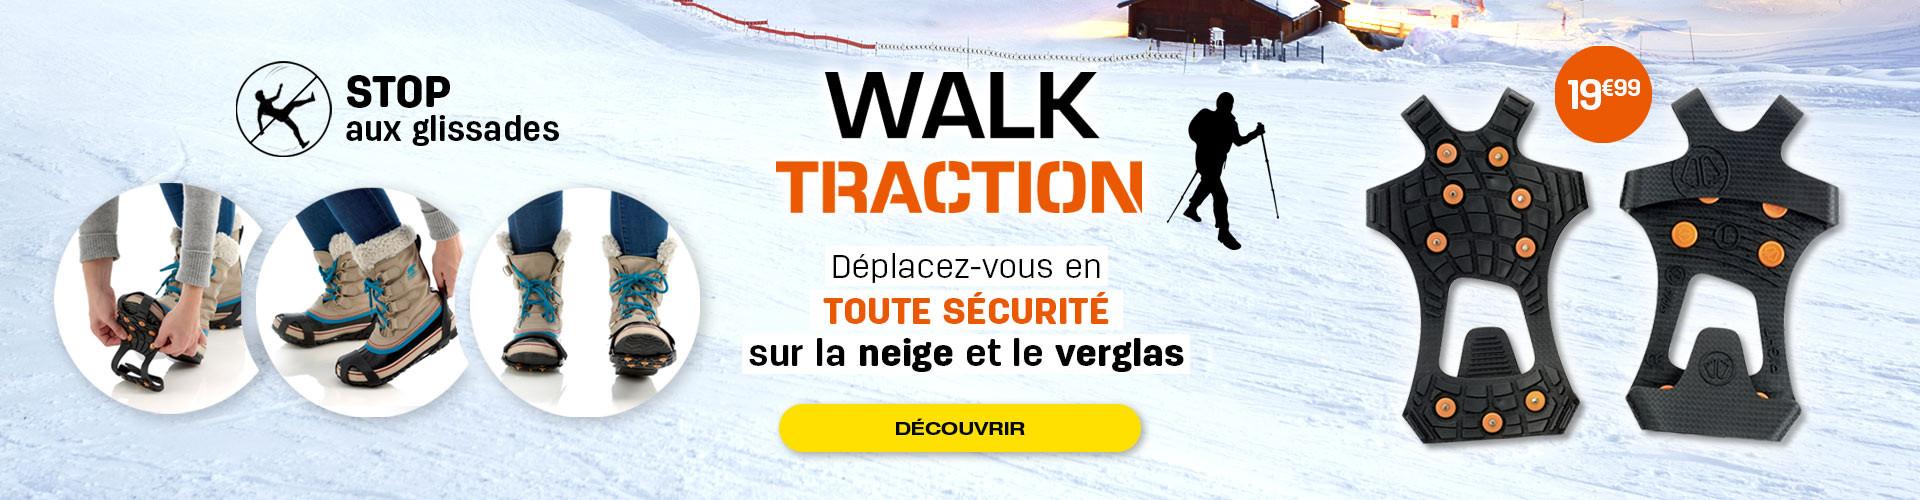 Dîtes stop aux glissades sur la neige et le verglas grâce aux Walk Traction